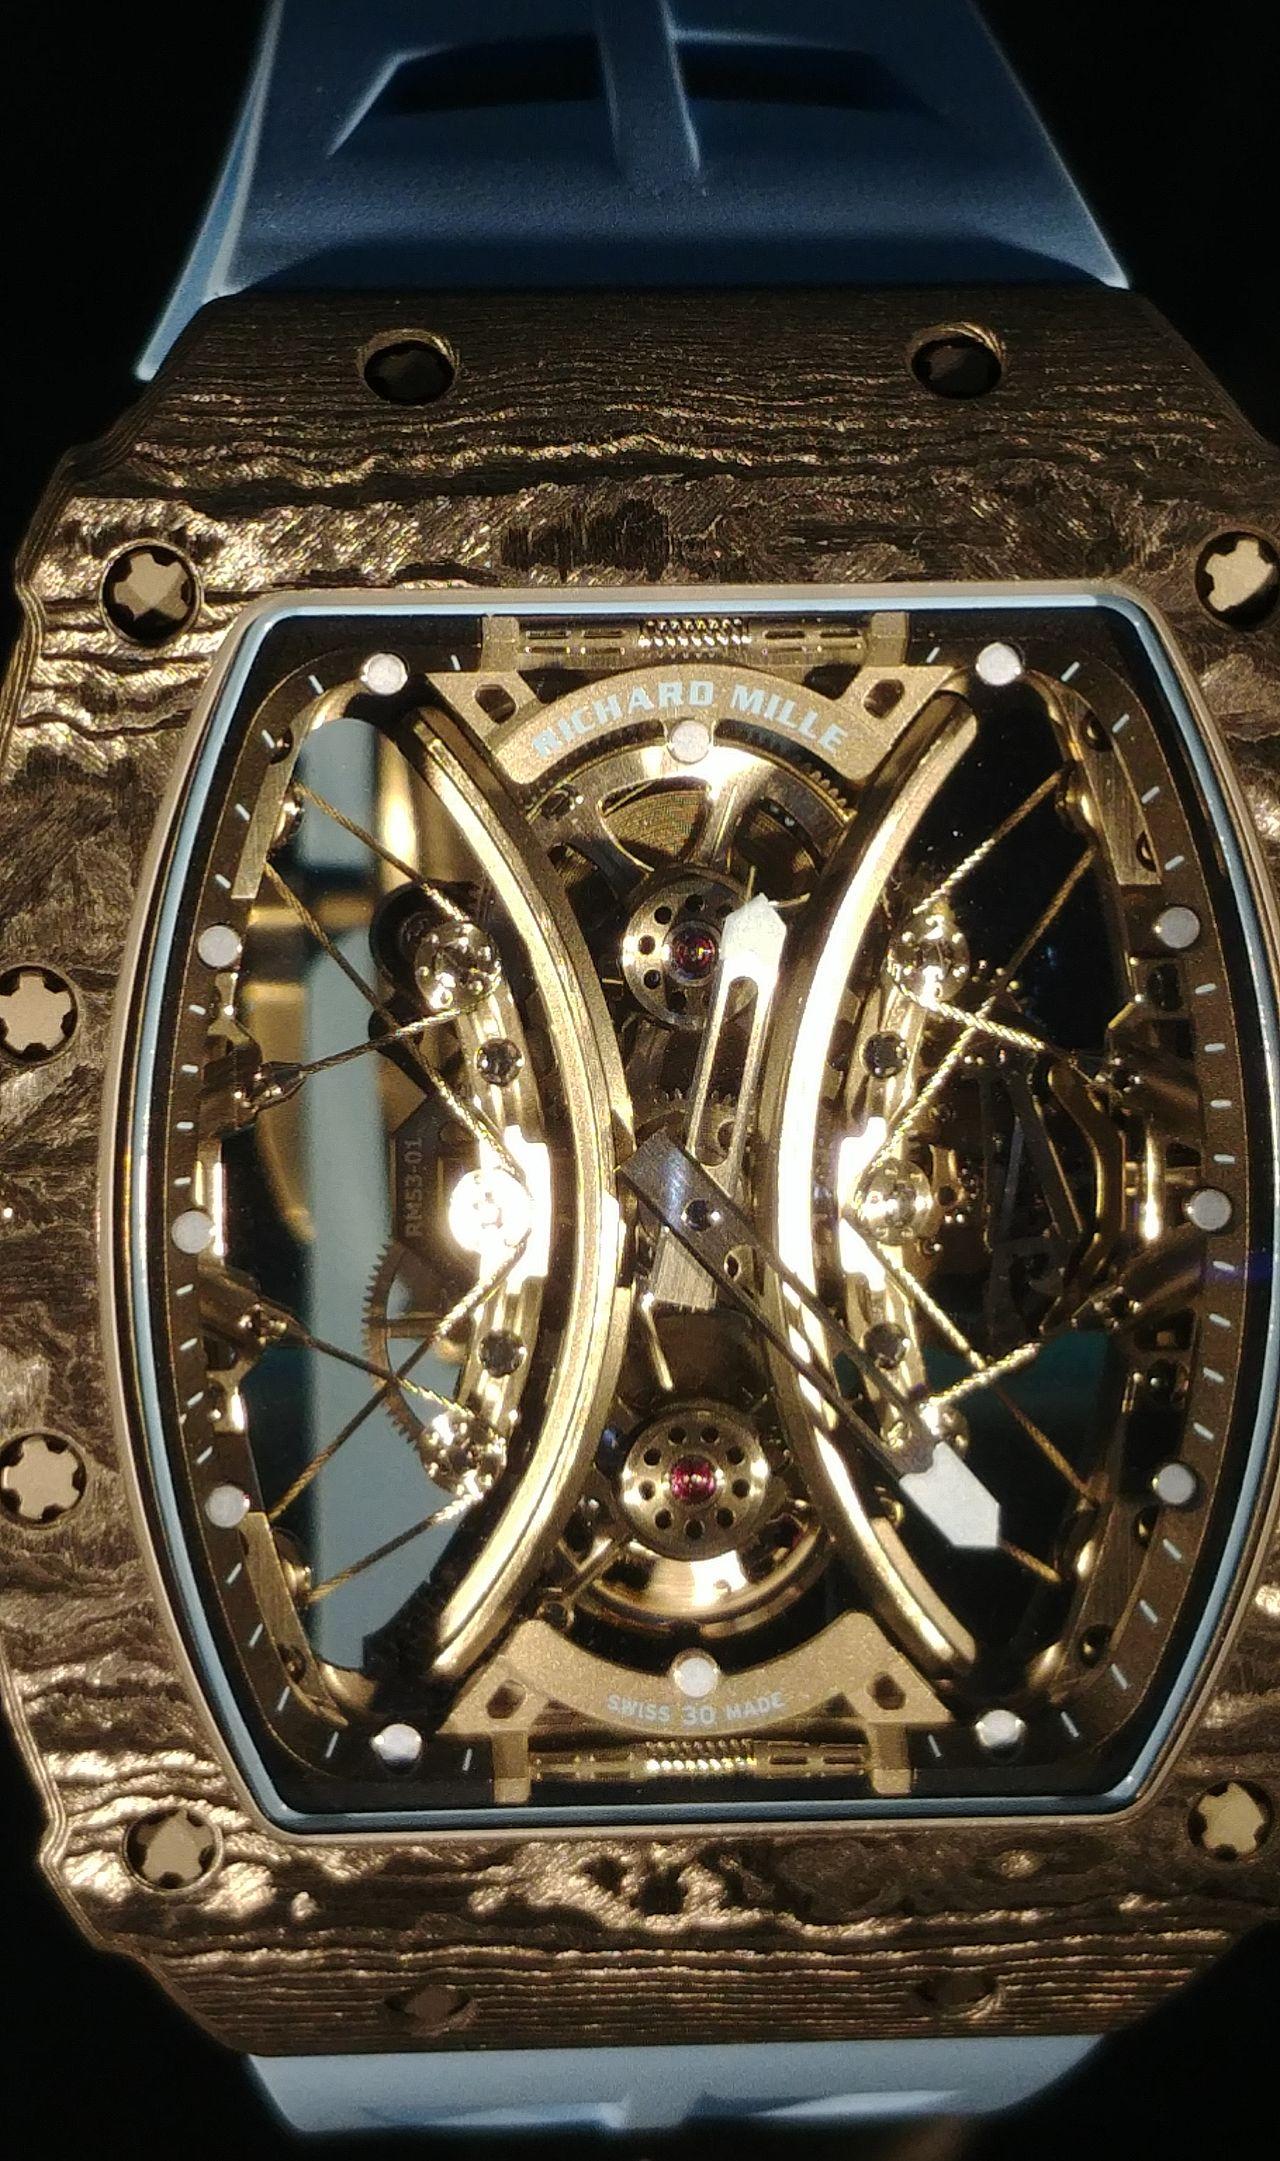 Richard Mille RM 53-01 - az acélsodronyok egész nagy erőt képesek elnyelni (sárga megvilágítás alatt) / Fotó: Venicz Áron